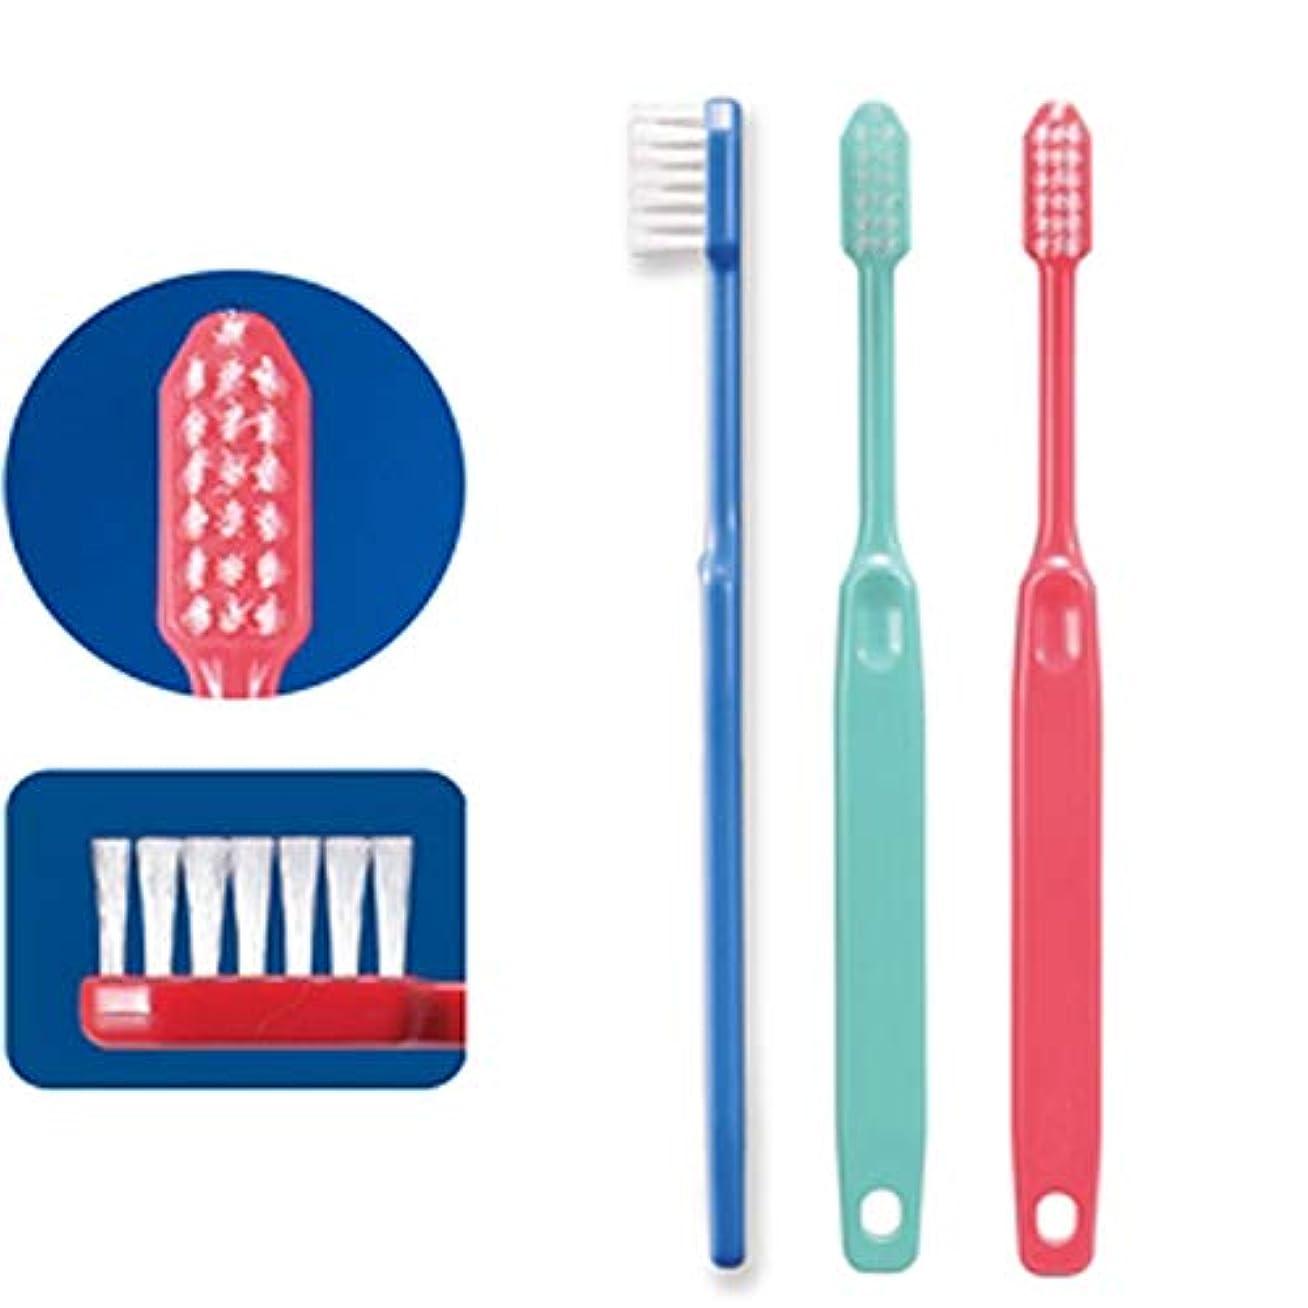 ケイ素スチュワーデス聡明Ci23(やややわらかめ)(疎毛タイプ)コンパクトヘッド歯ブラシ×10本 歯科専用